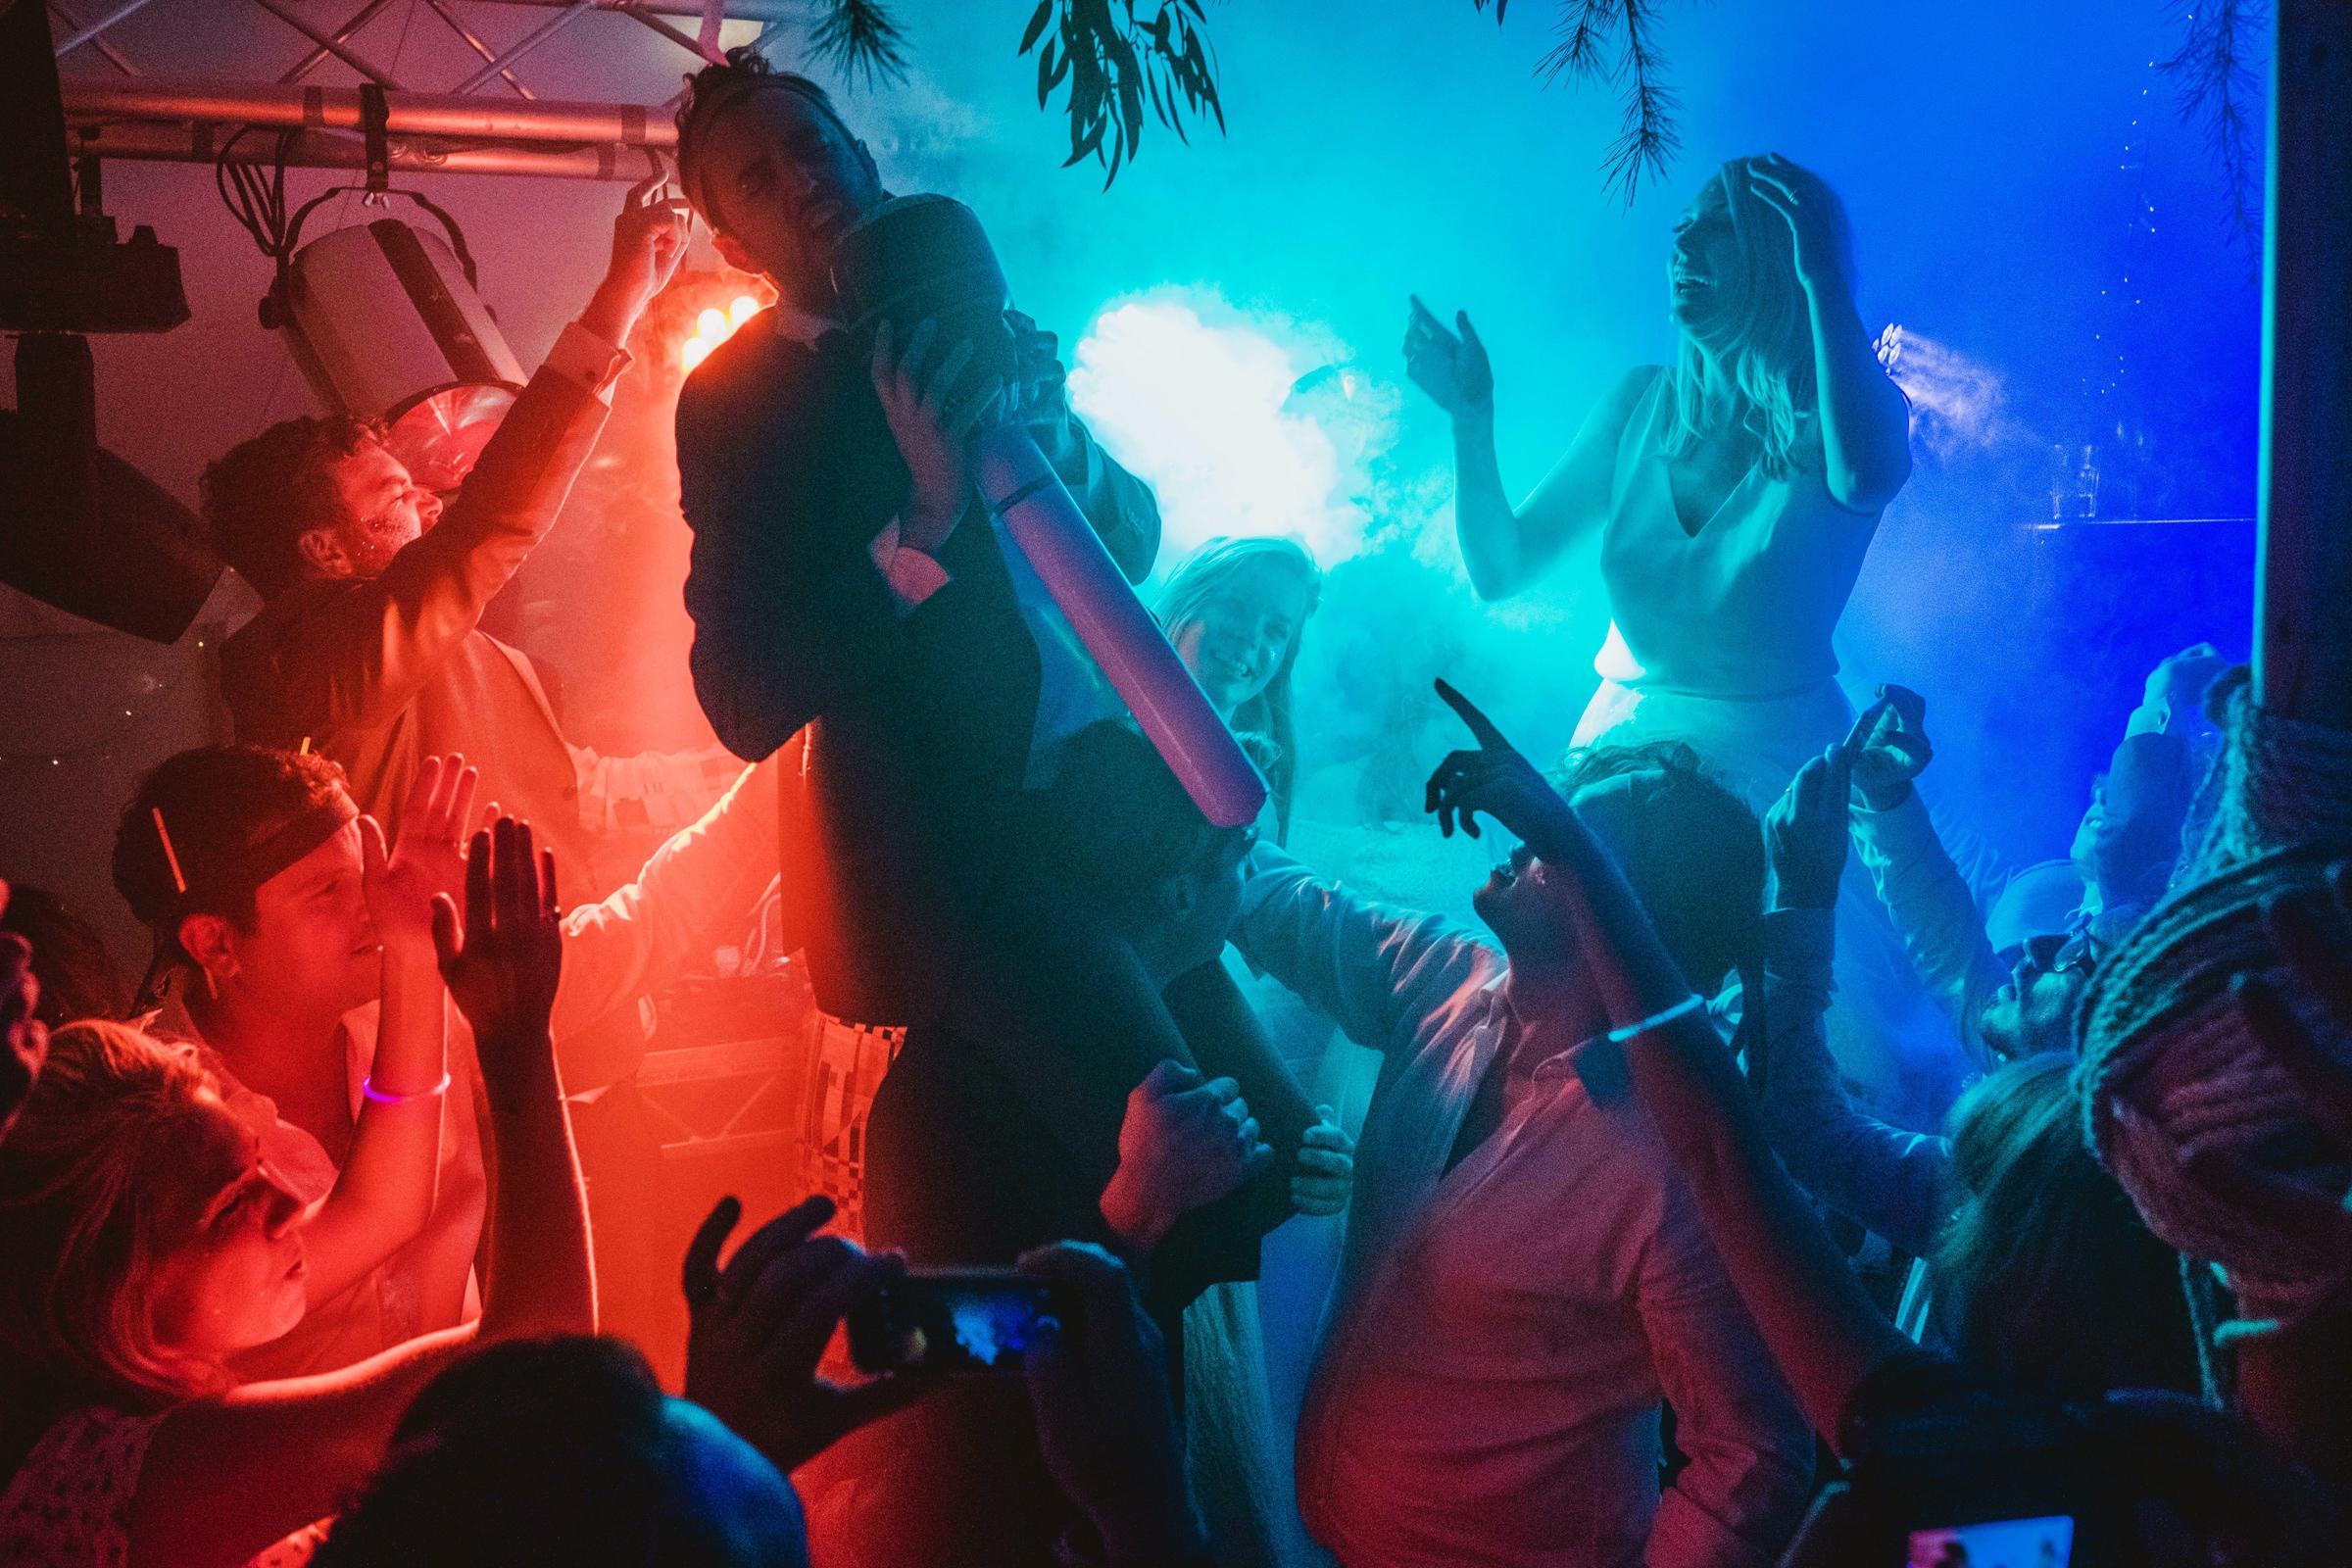 dance-party-york-place-studios